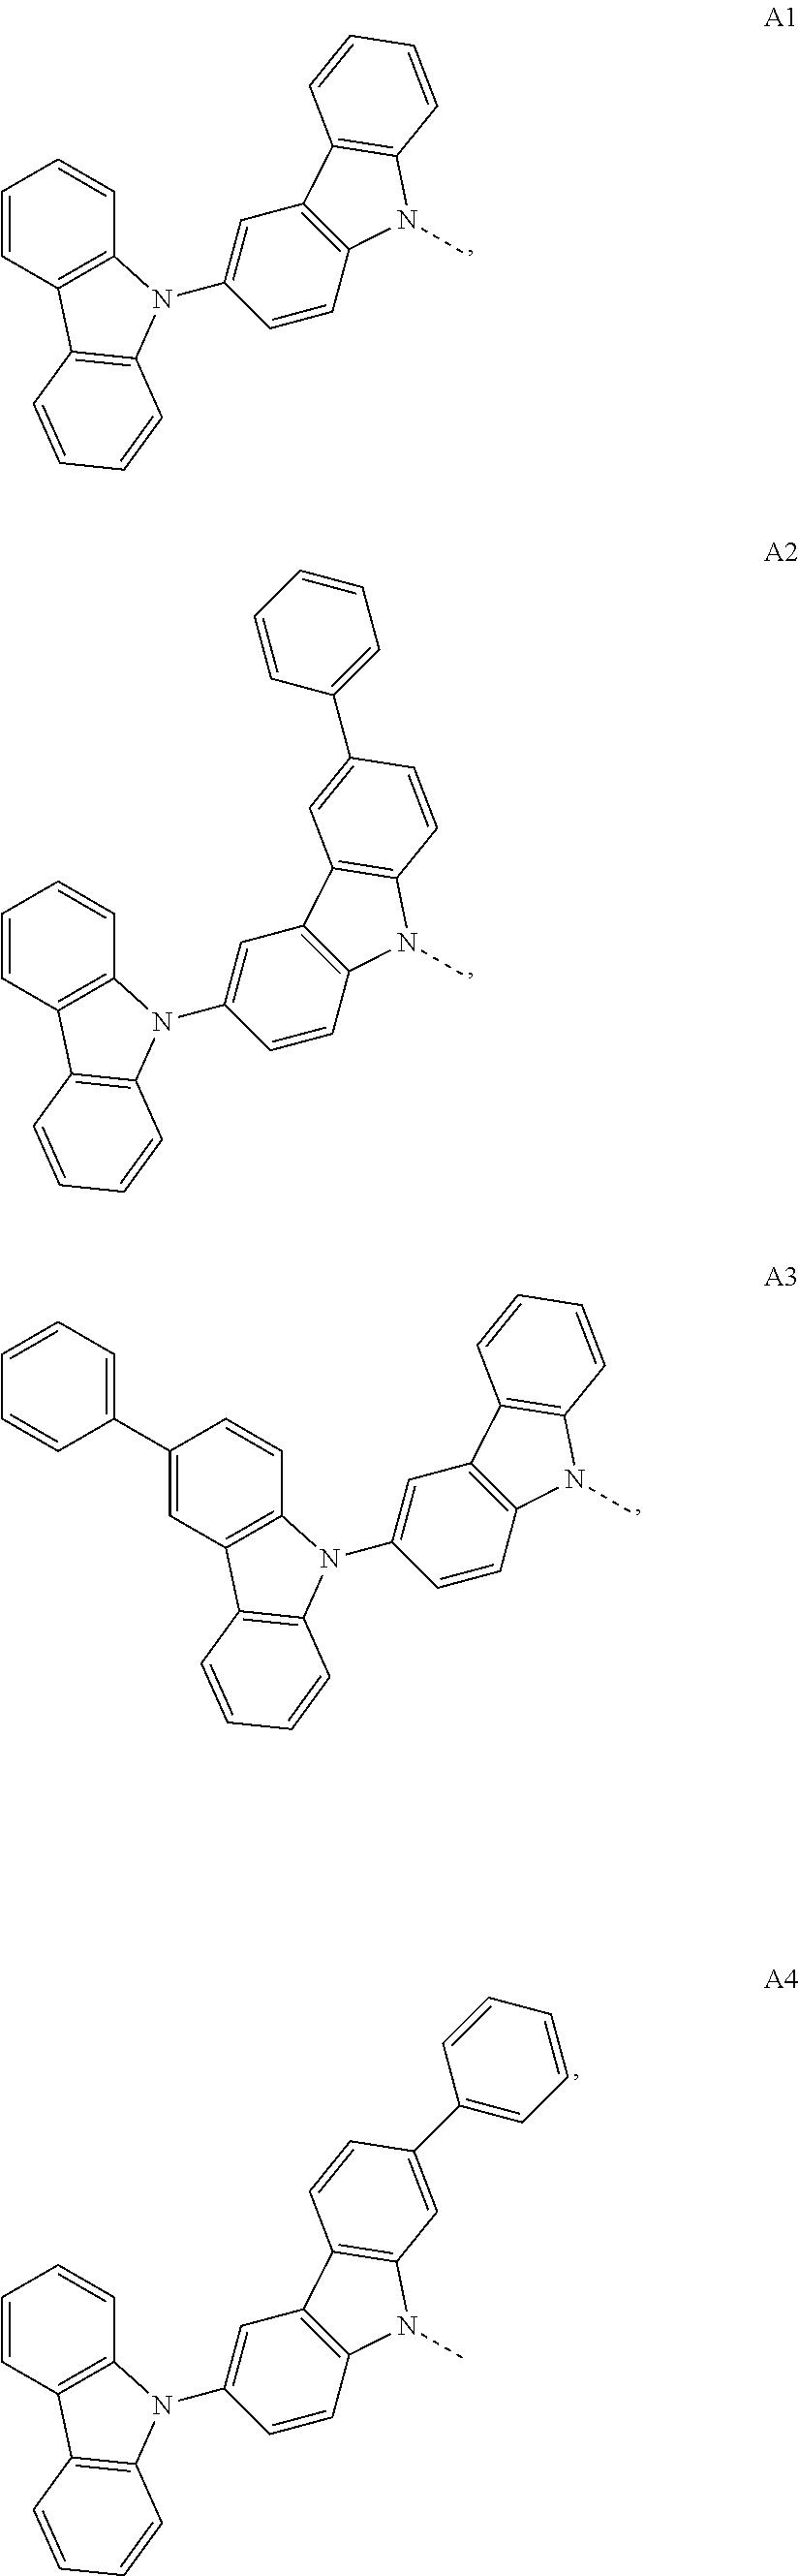 Figure US09876173-20180123-C00030